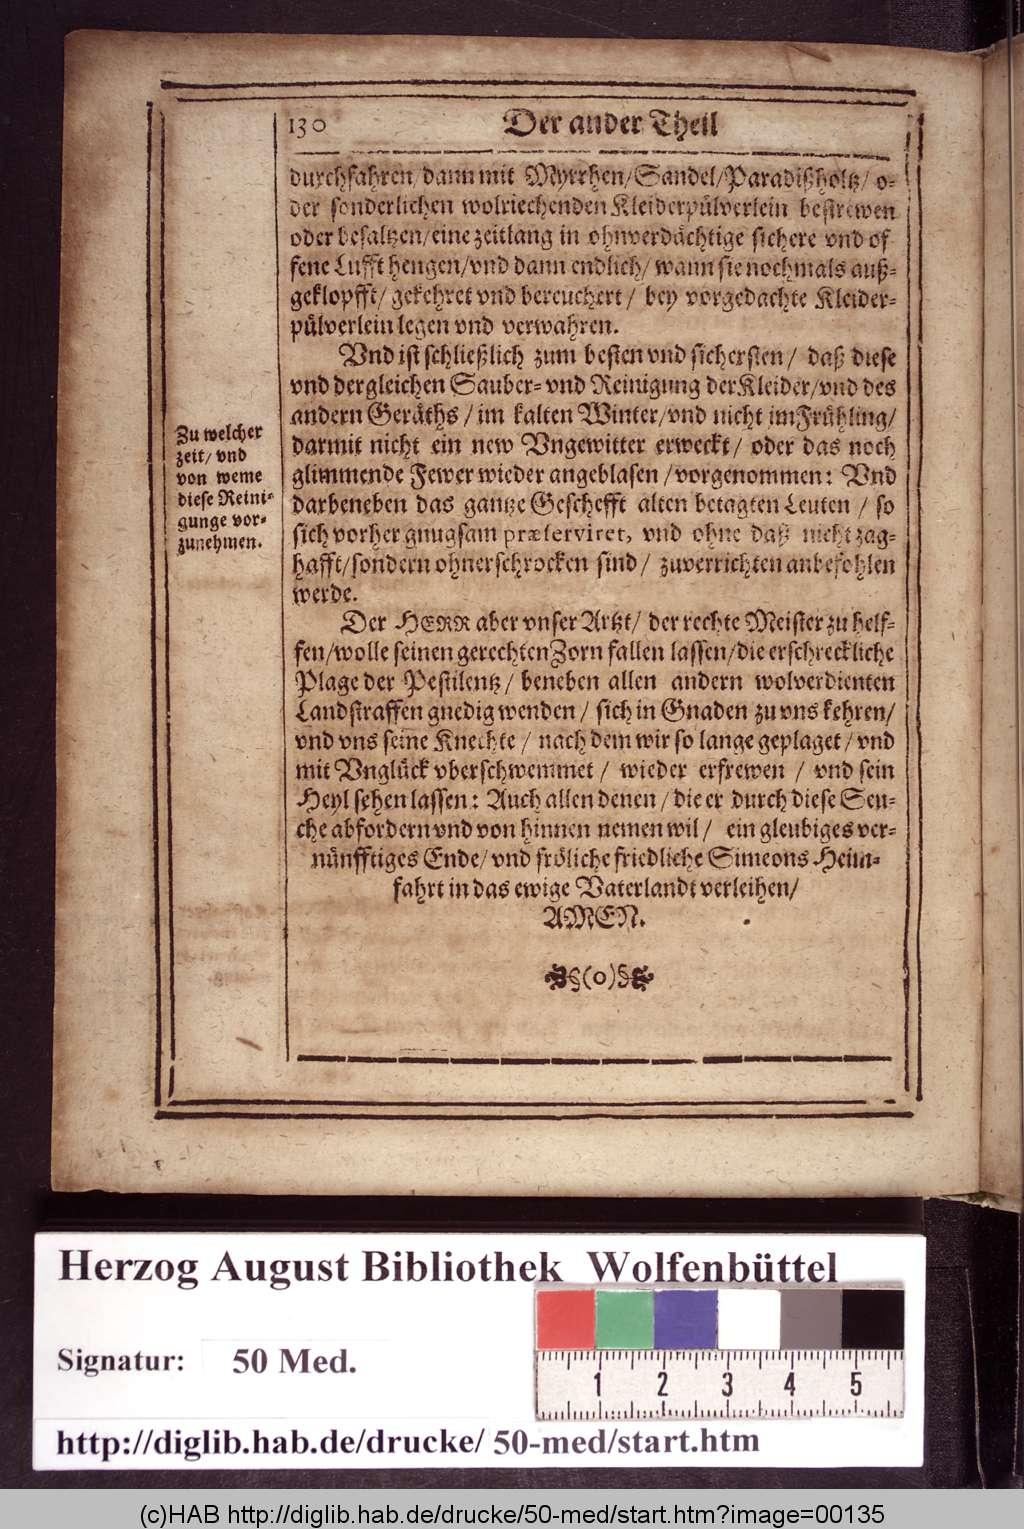 http://diglib.hab.de/drucke/50-med/00135.jpg